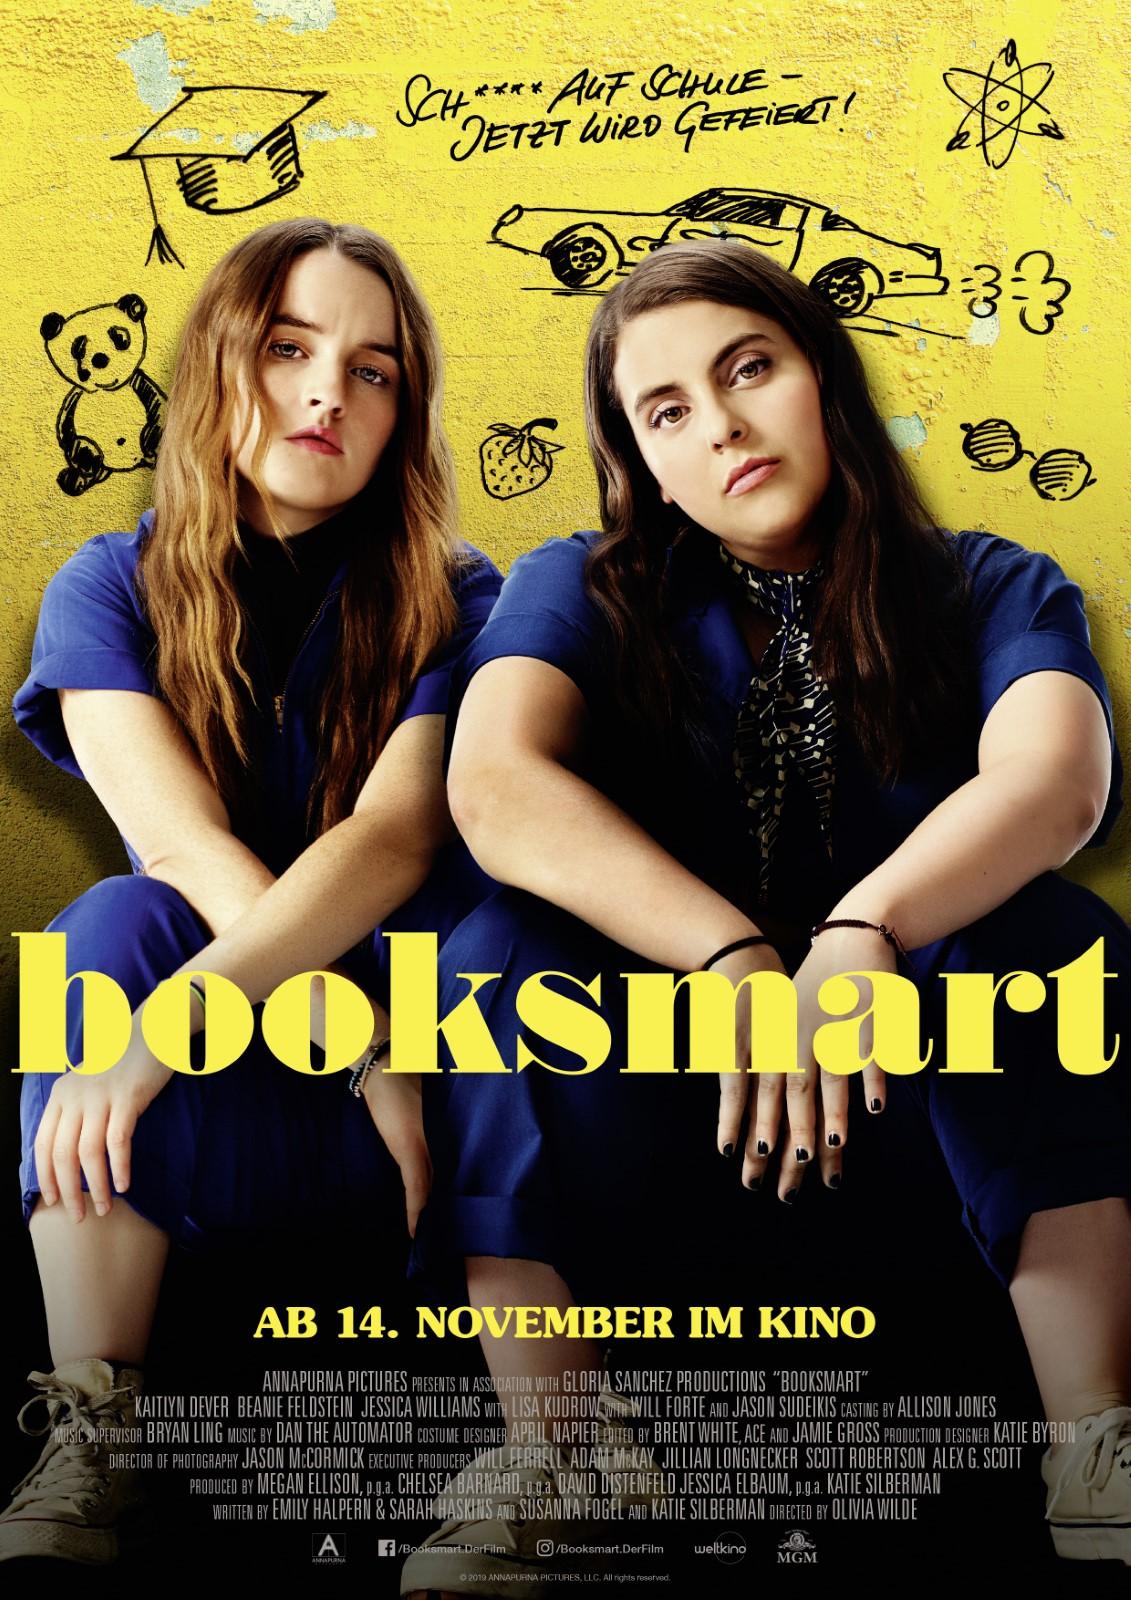 Poster zum Booksmart   Bild 20 auf 20   FILMSTARTS.de